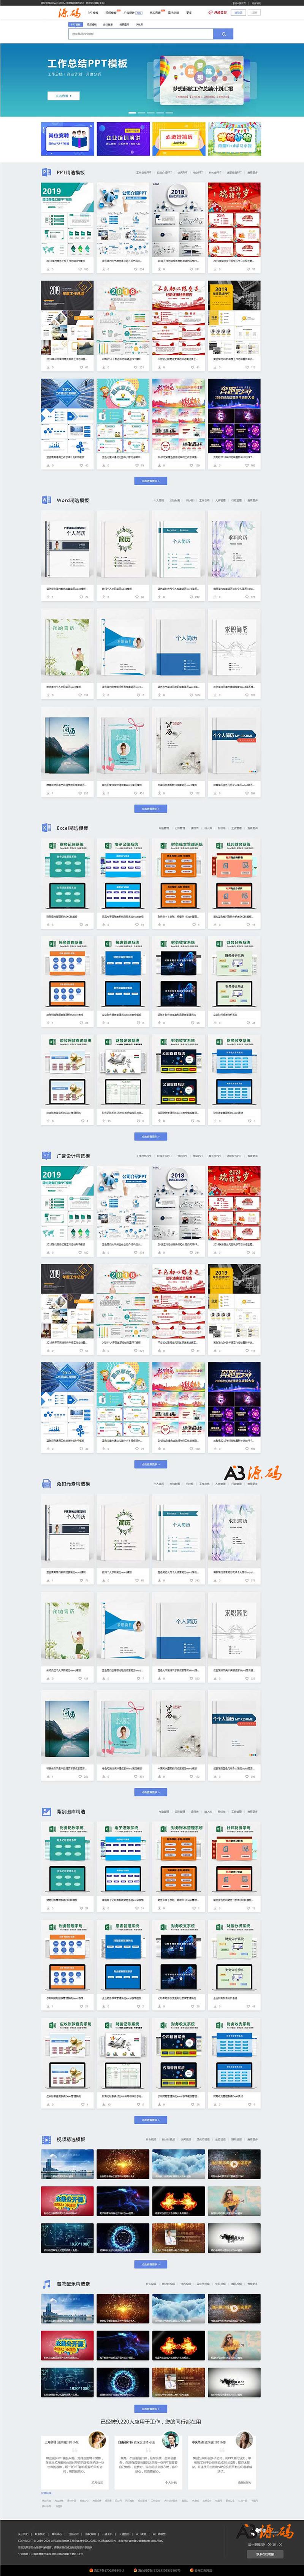 九月最新熊猫办公PPT素材虚拟资源展示修复版源码-爱资源分享